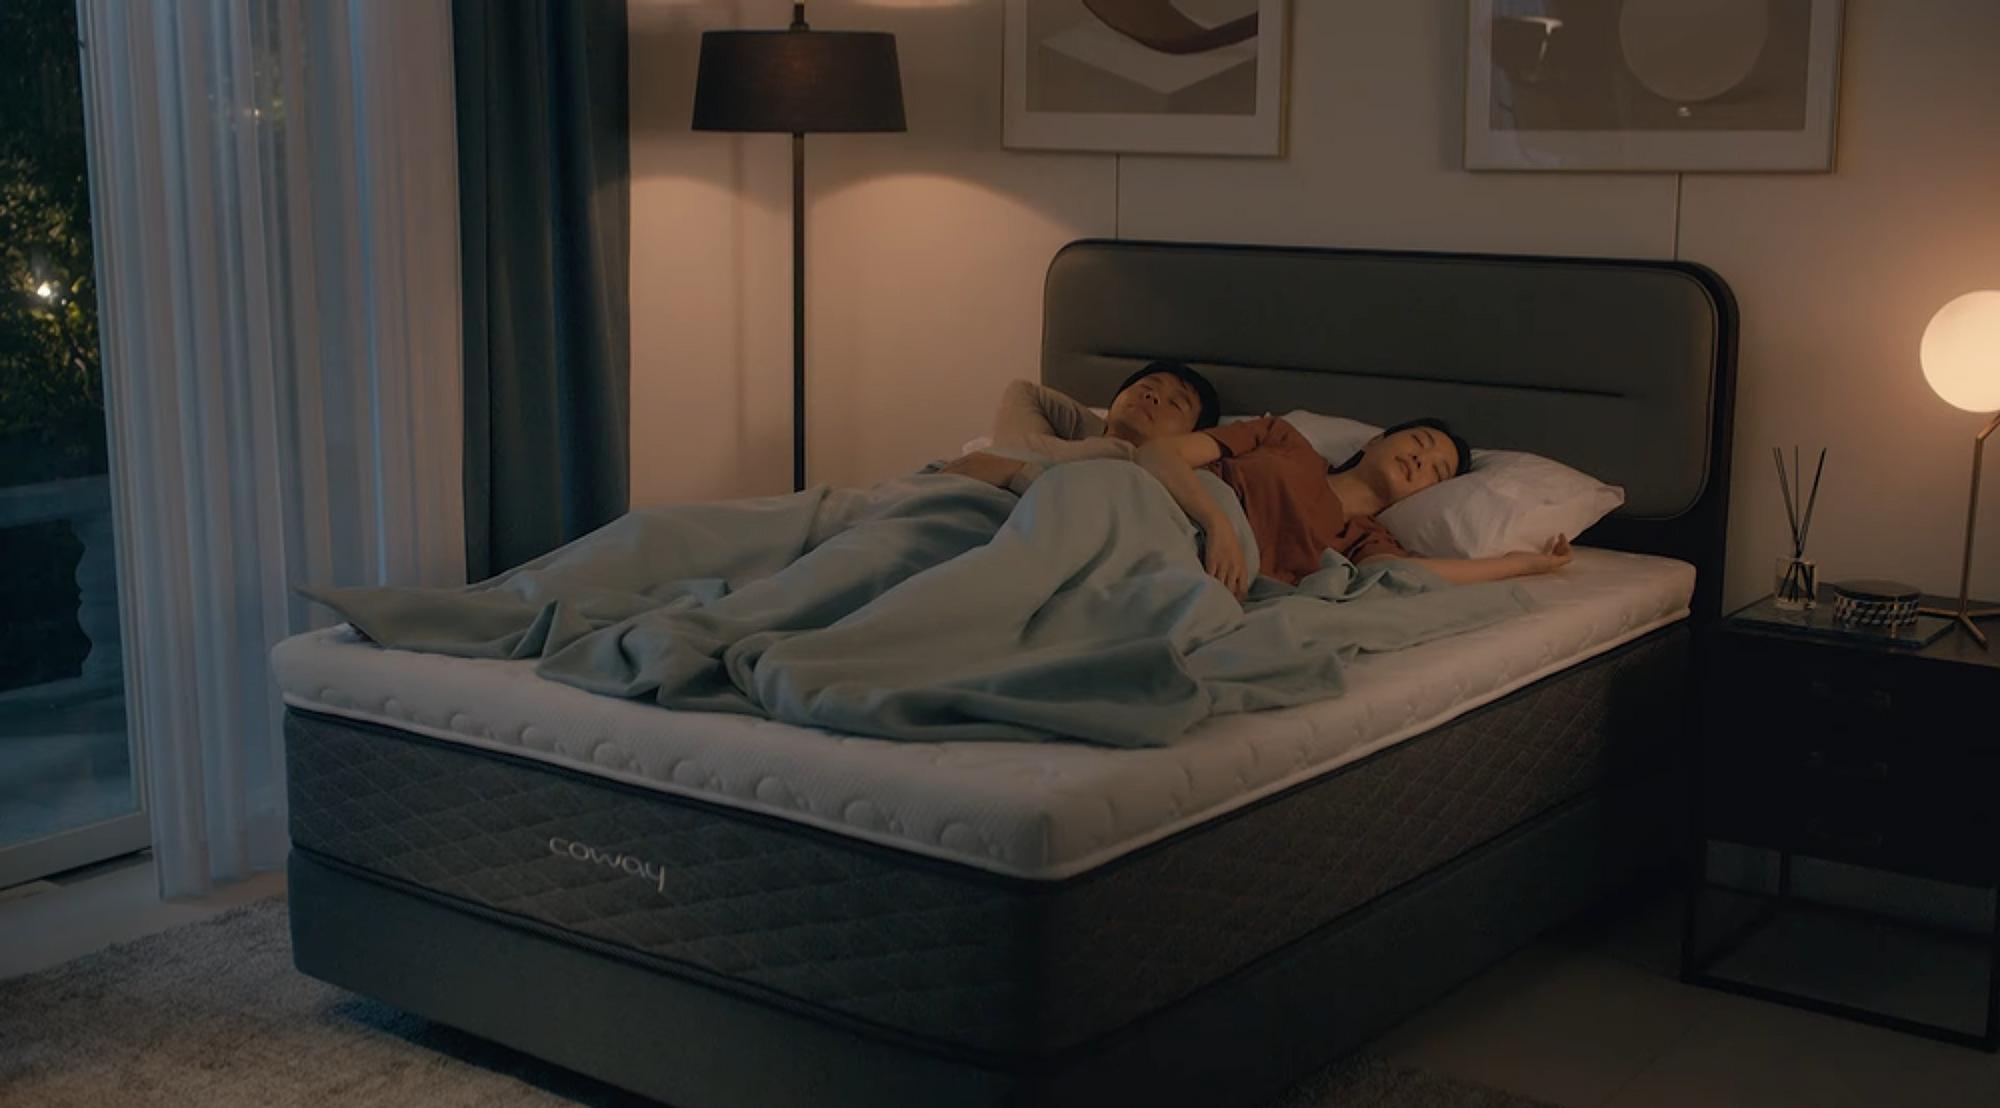 새 침대처럼 초기화